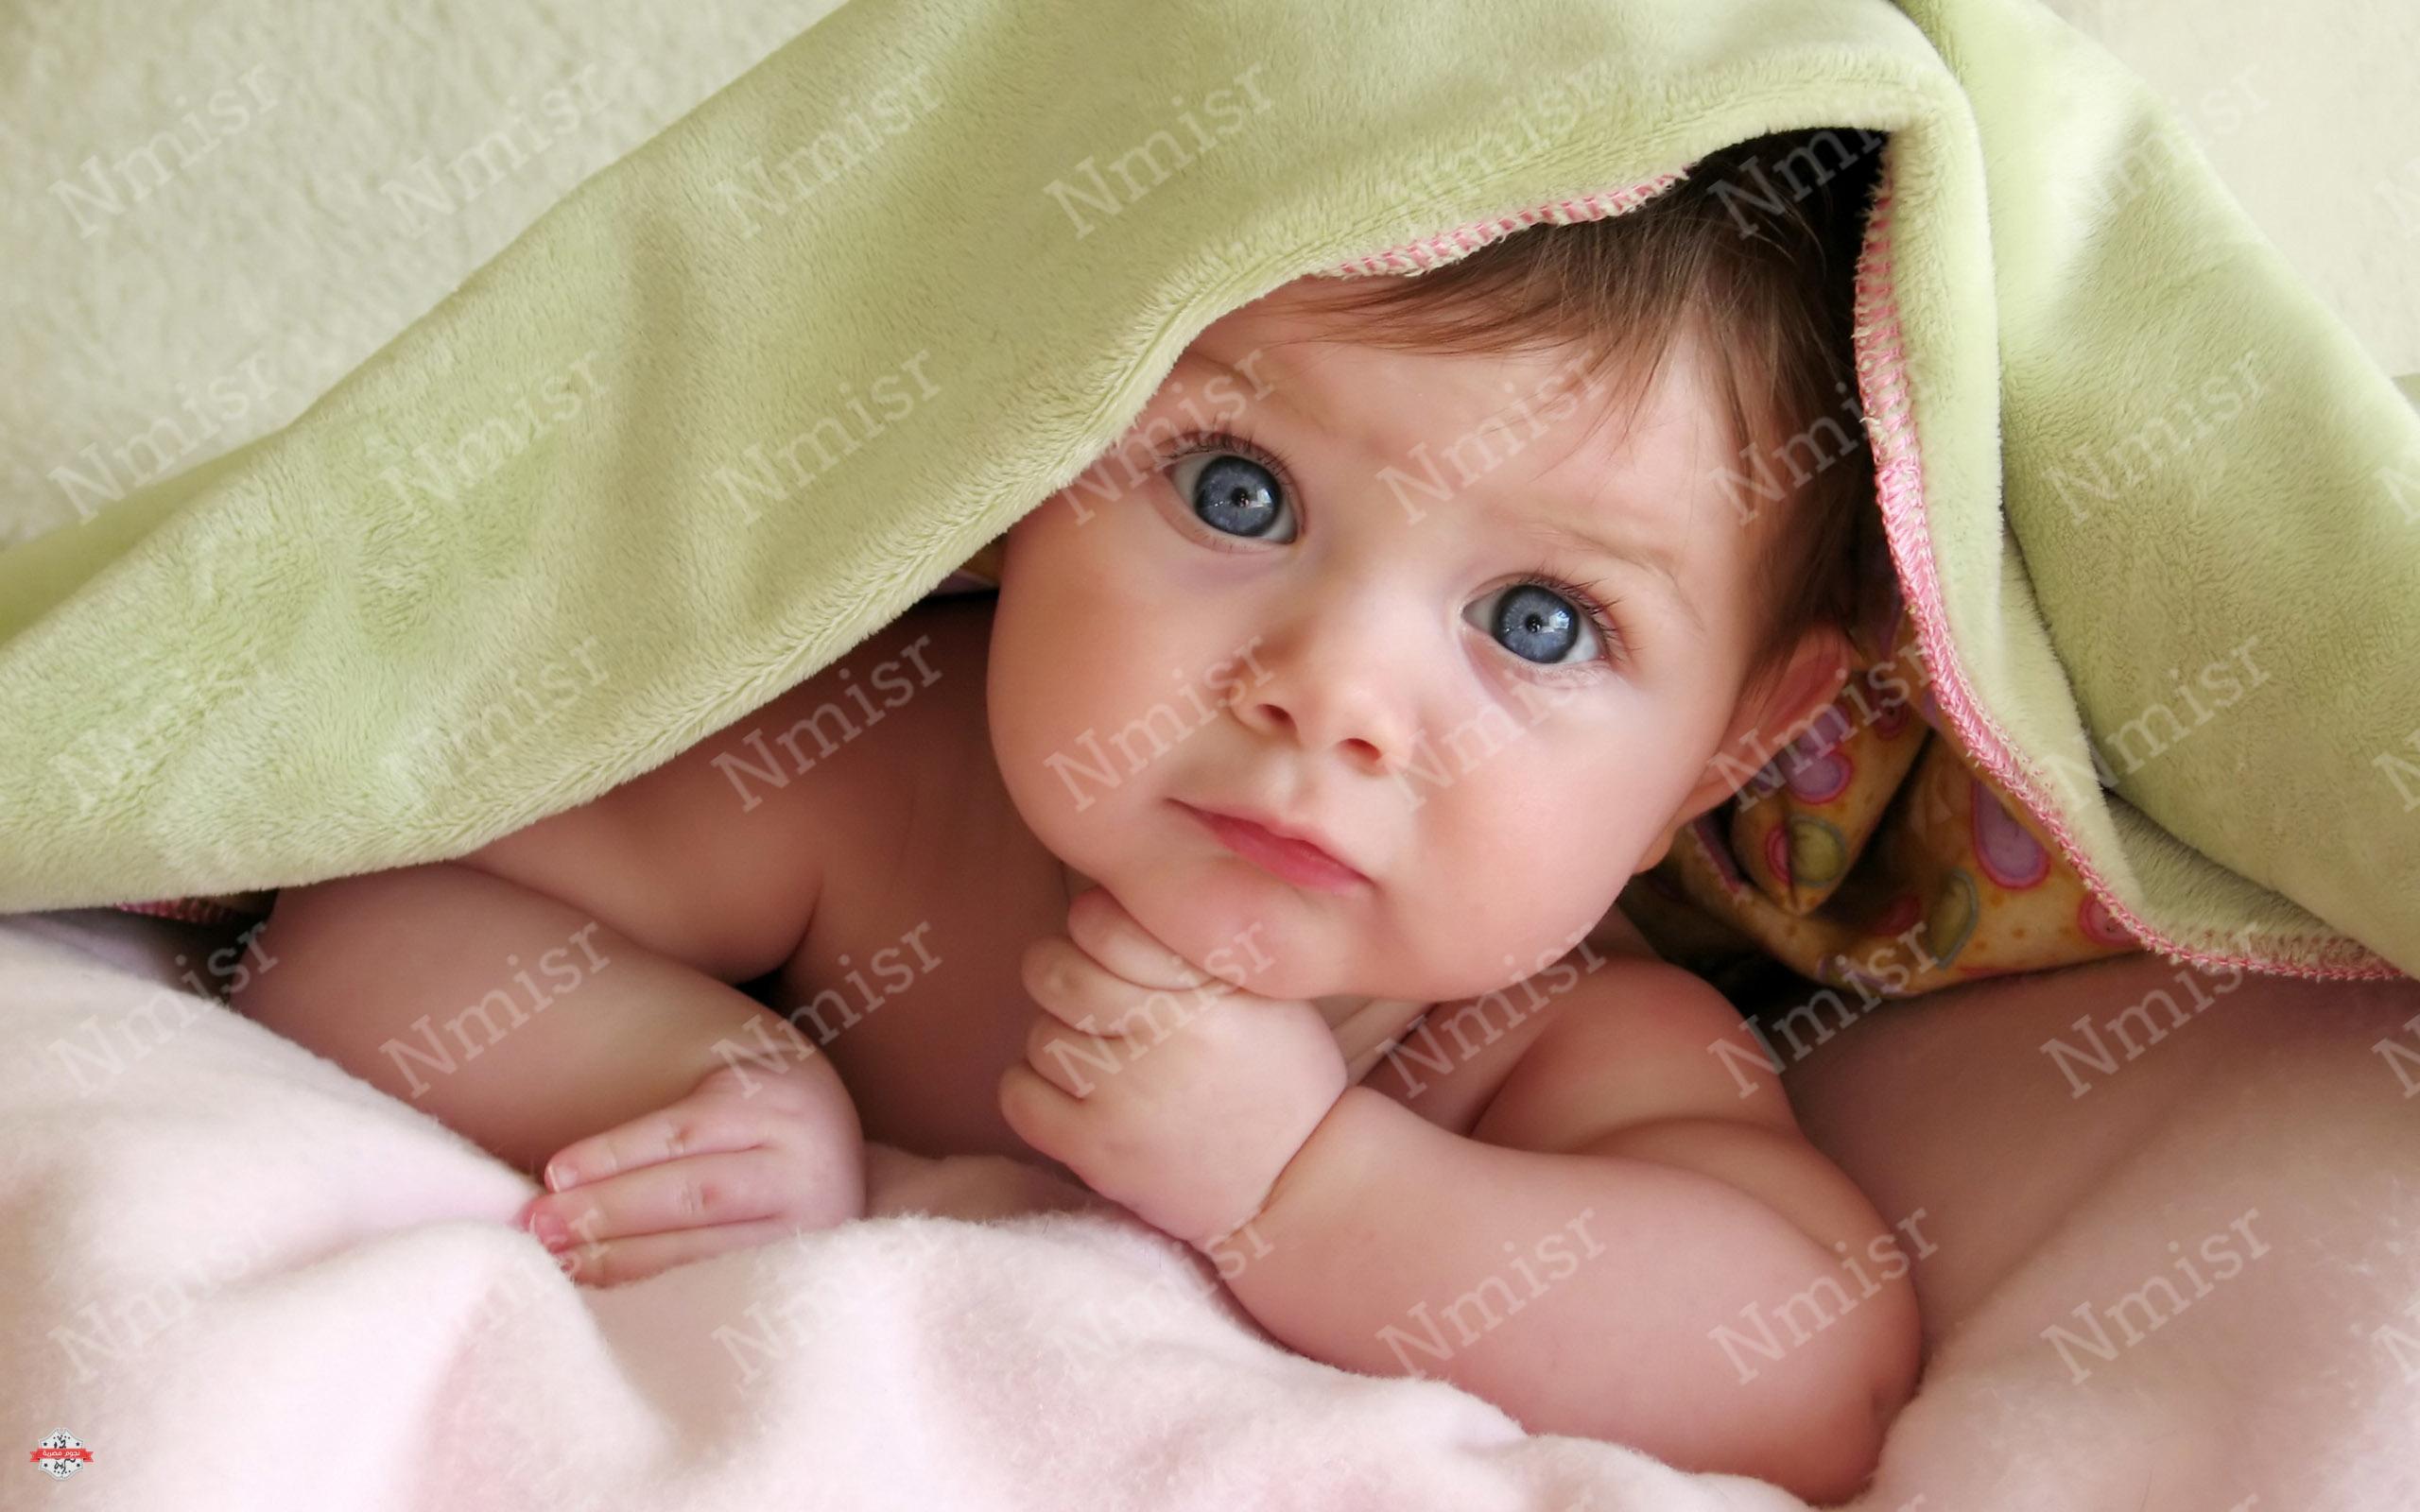 صوره طفل صغير , اجمل صور الاطفال